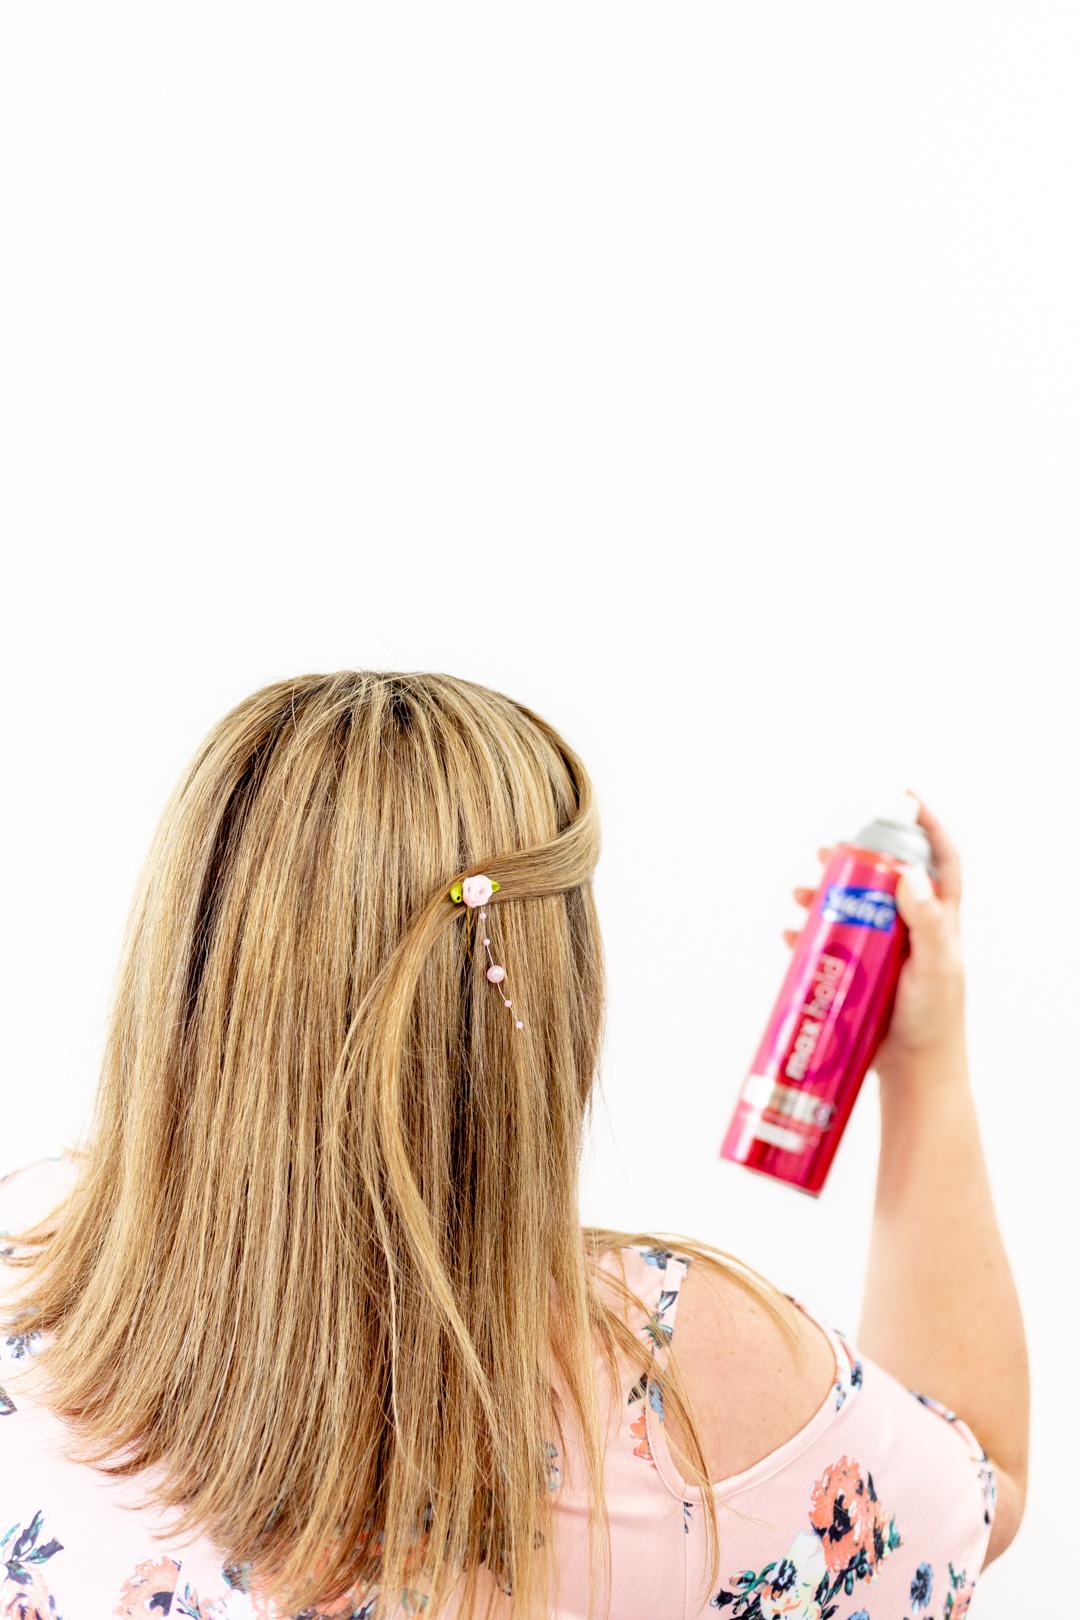 spraying hairspray onto spring hairstyle